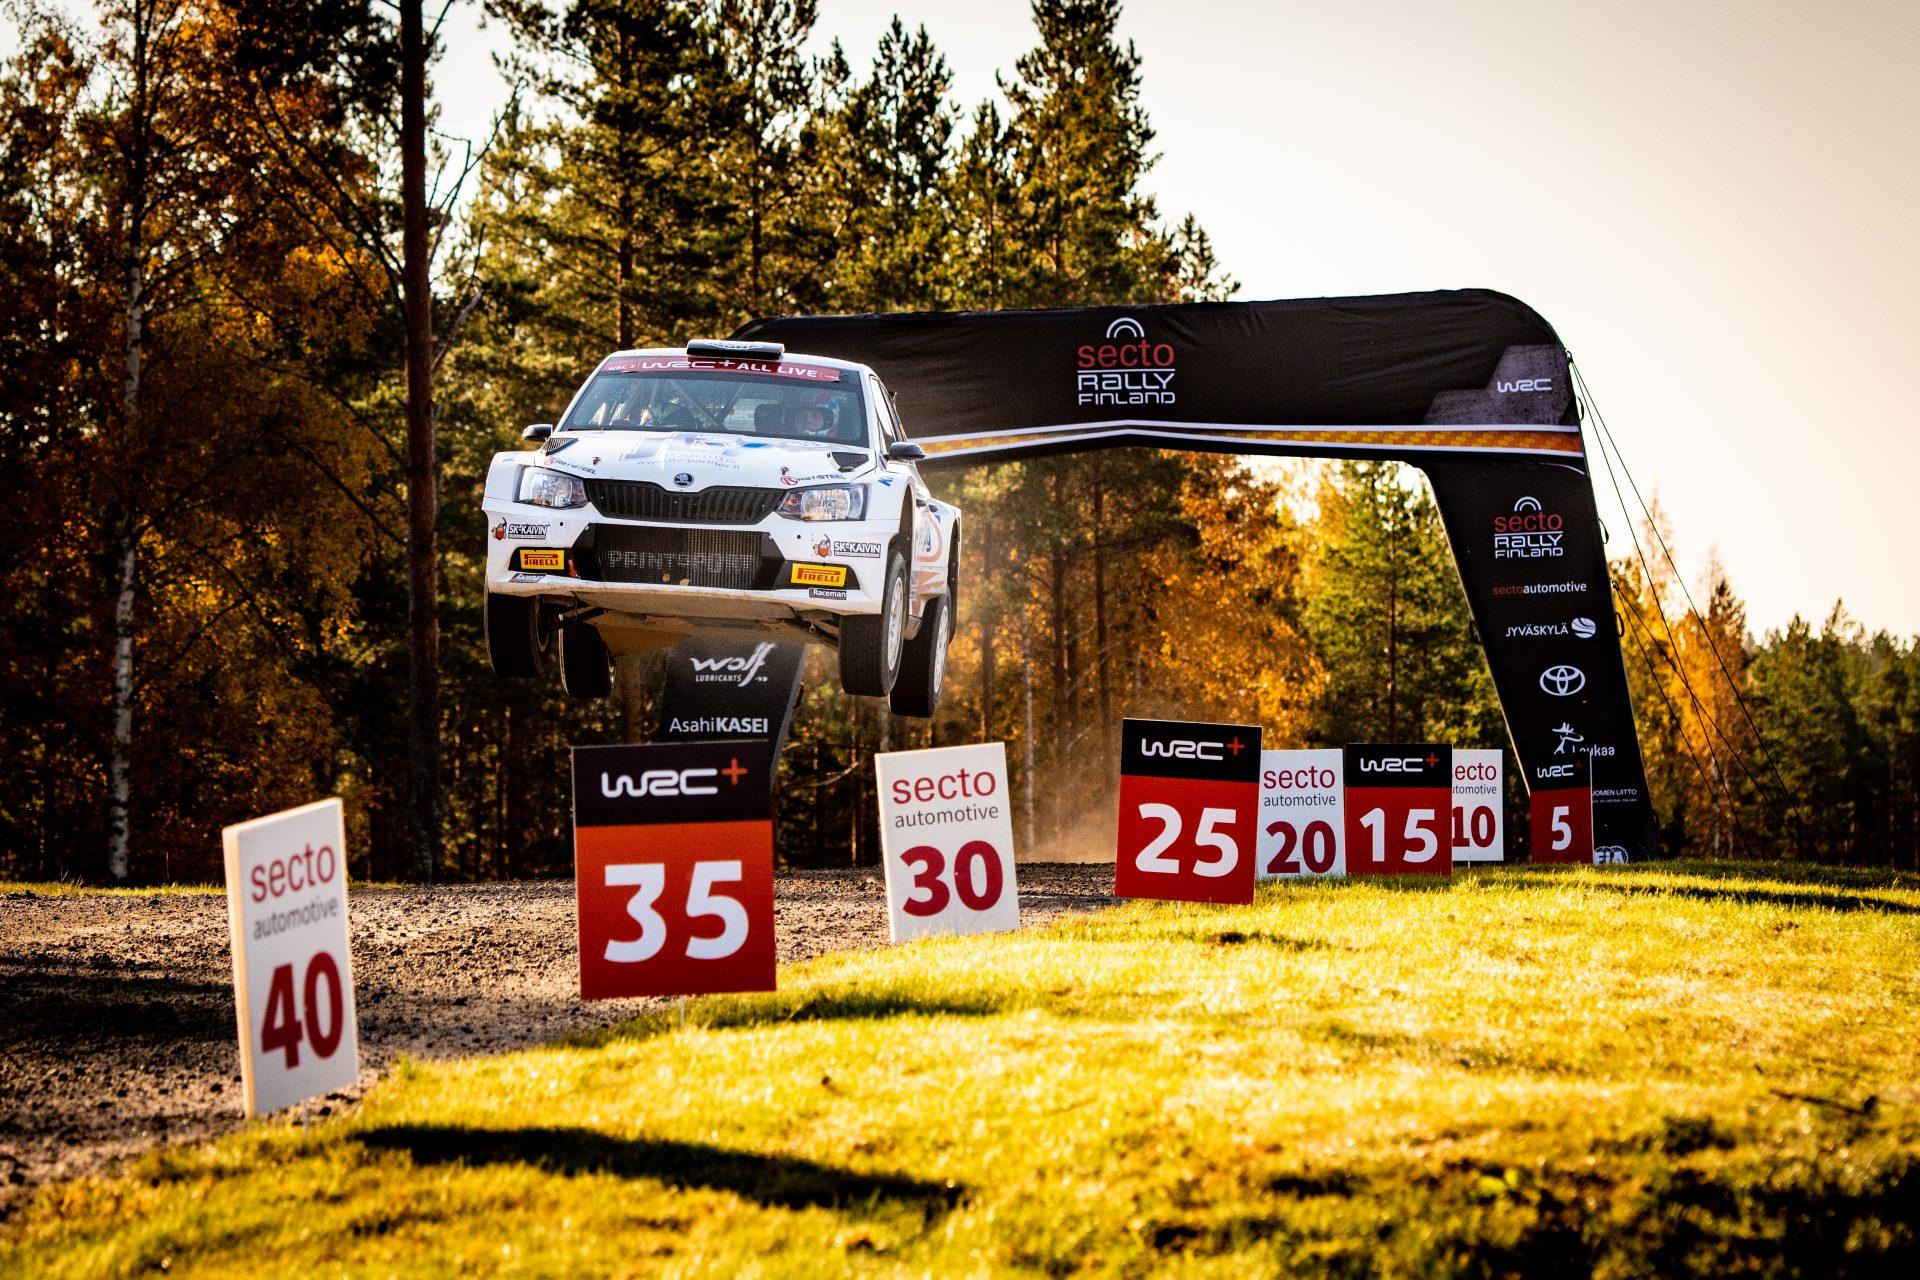 Lekce létání s nutnou dávkou odvahy | Rally Finland